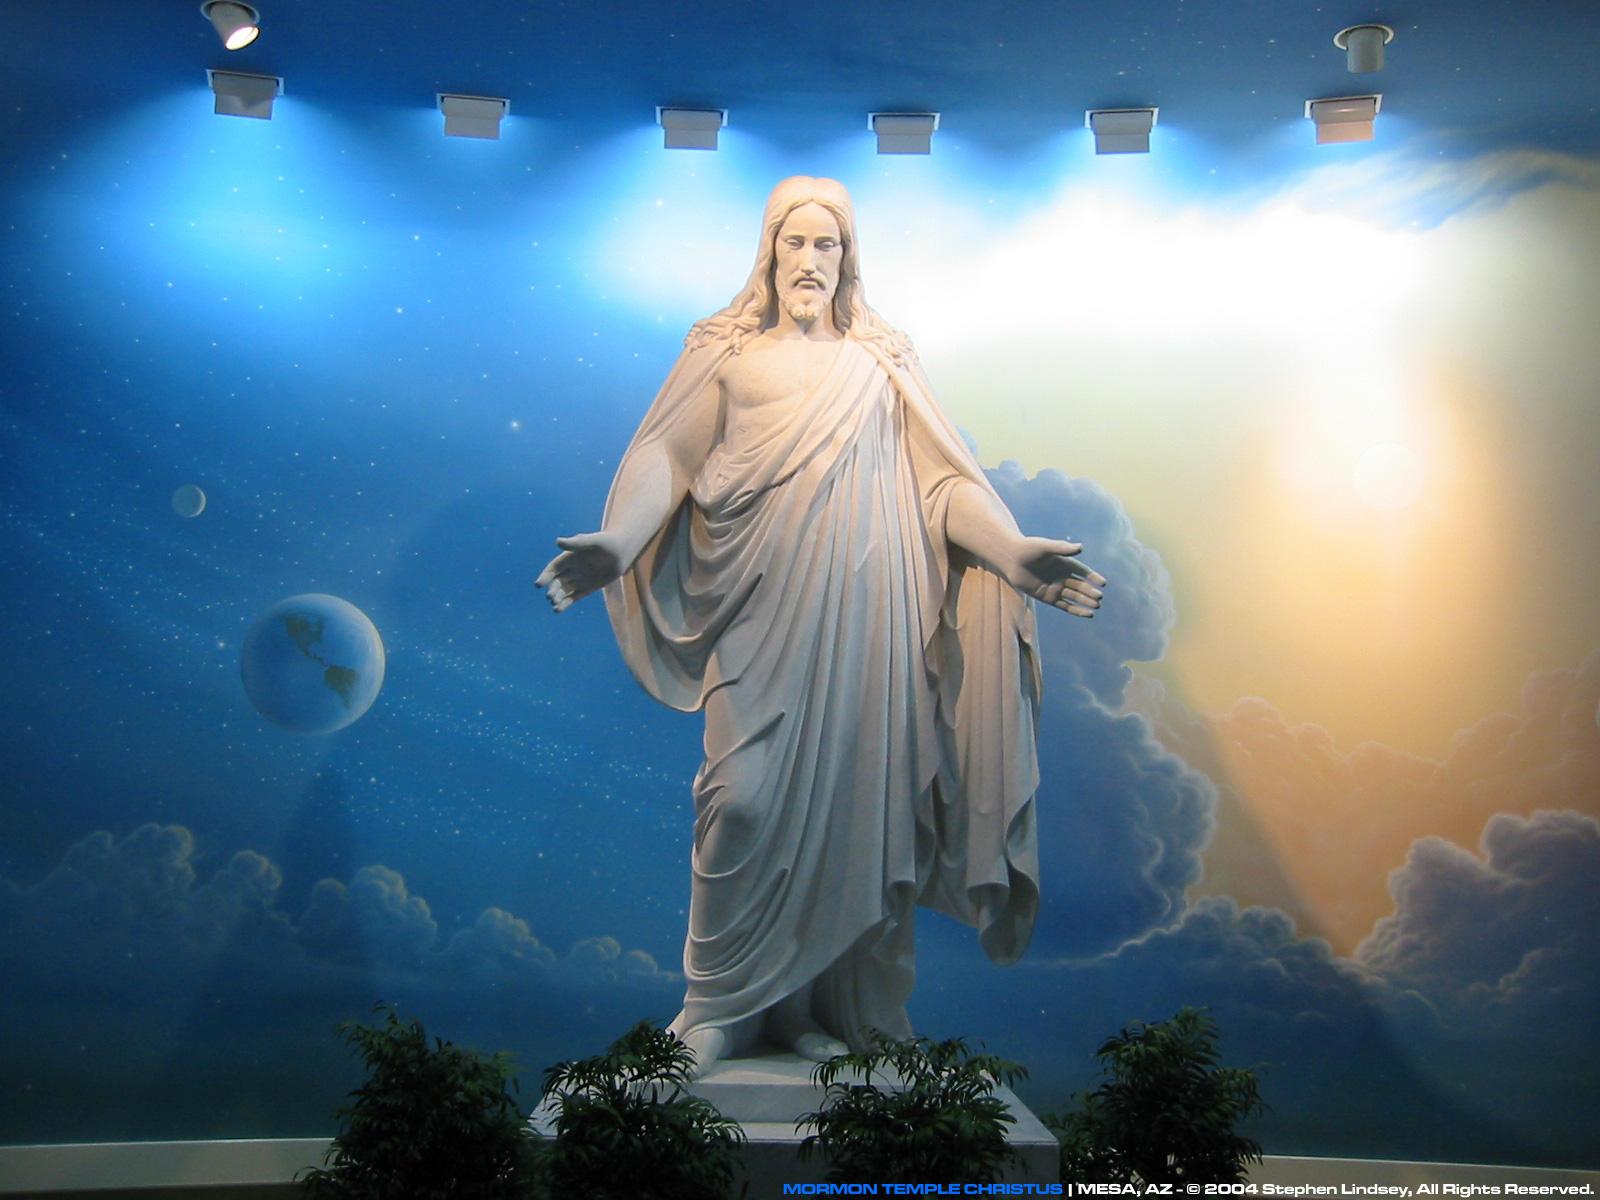 Mormon Temple Christus by cyko